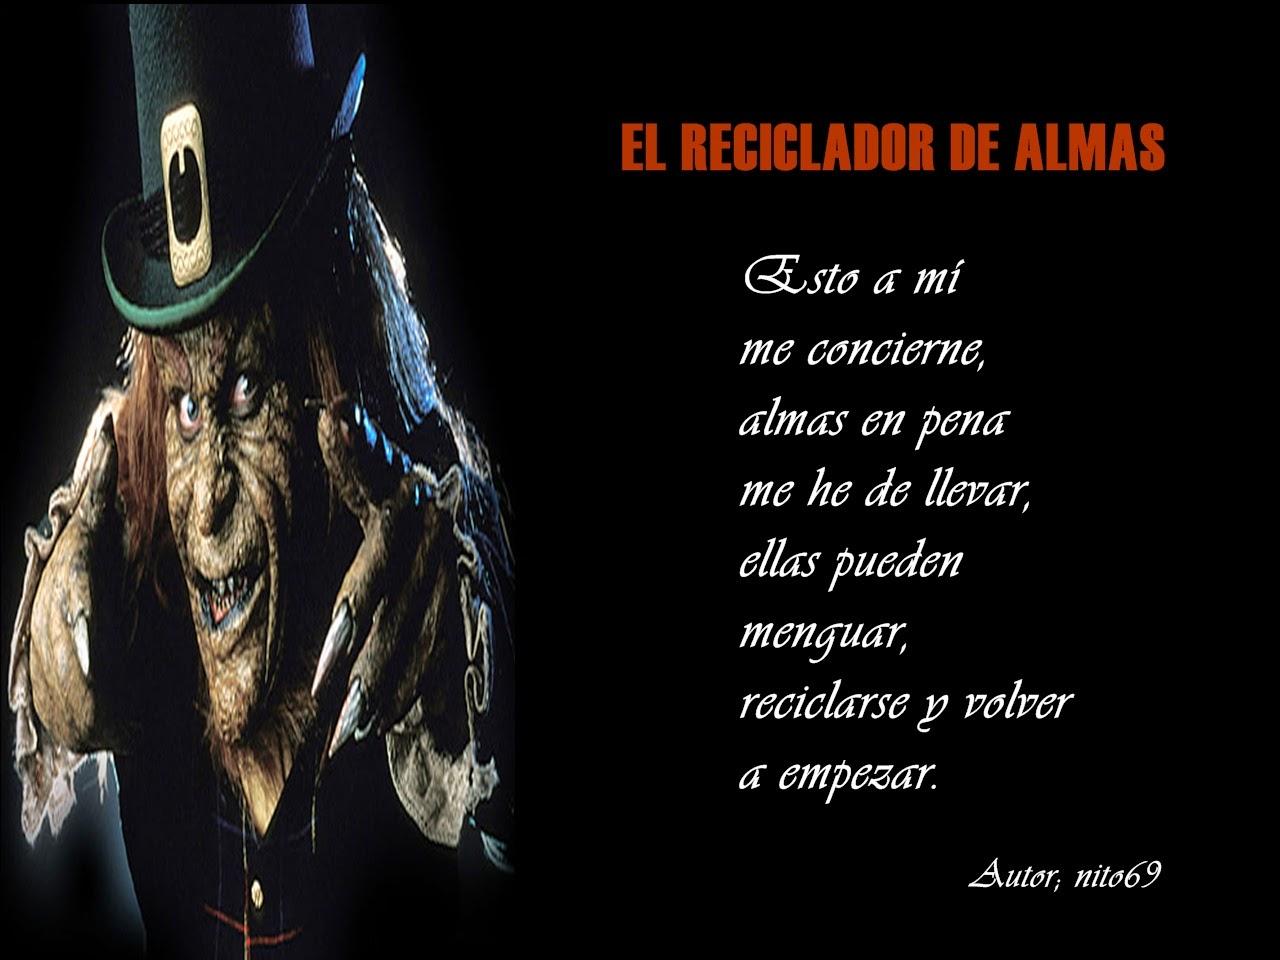 EL RECICLADOR DE ALMAS ( texto completo en mi fotolog ).